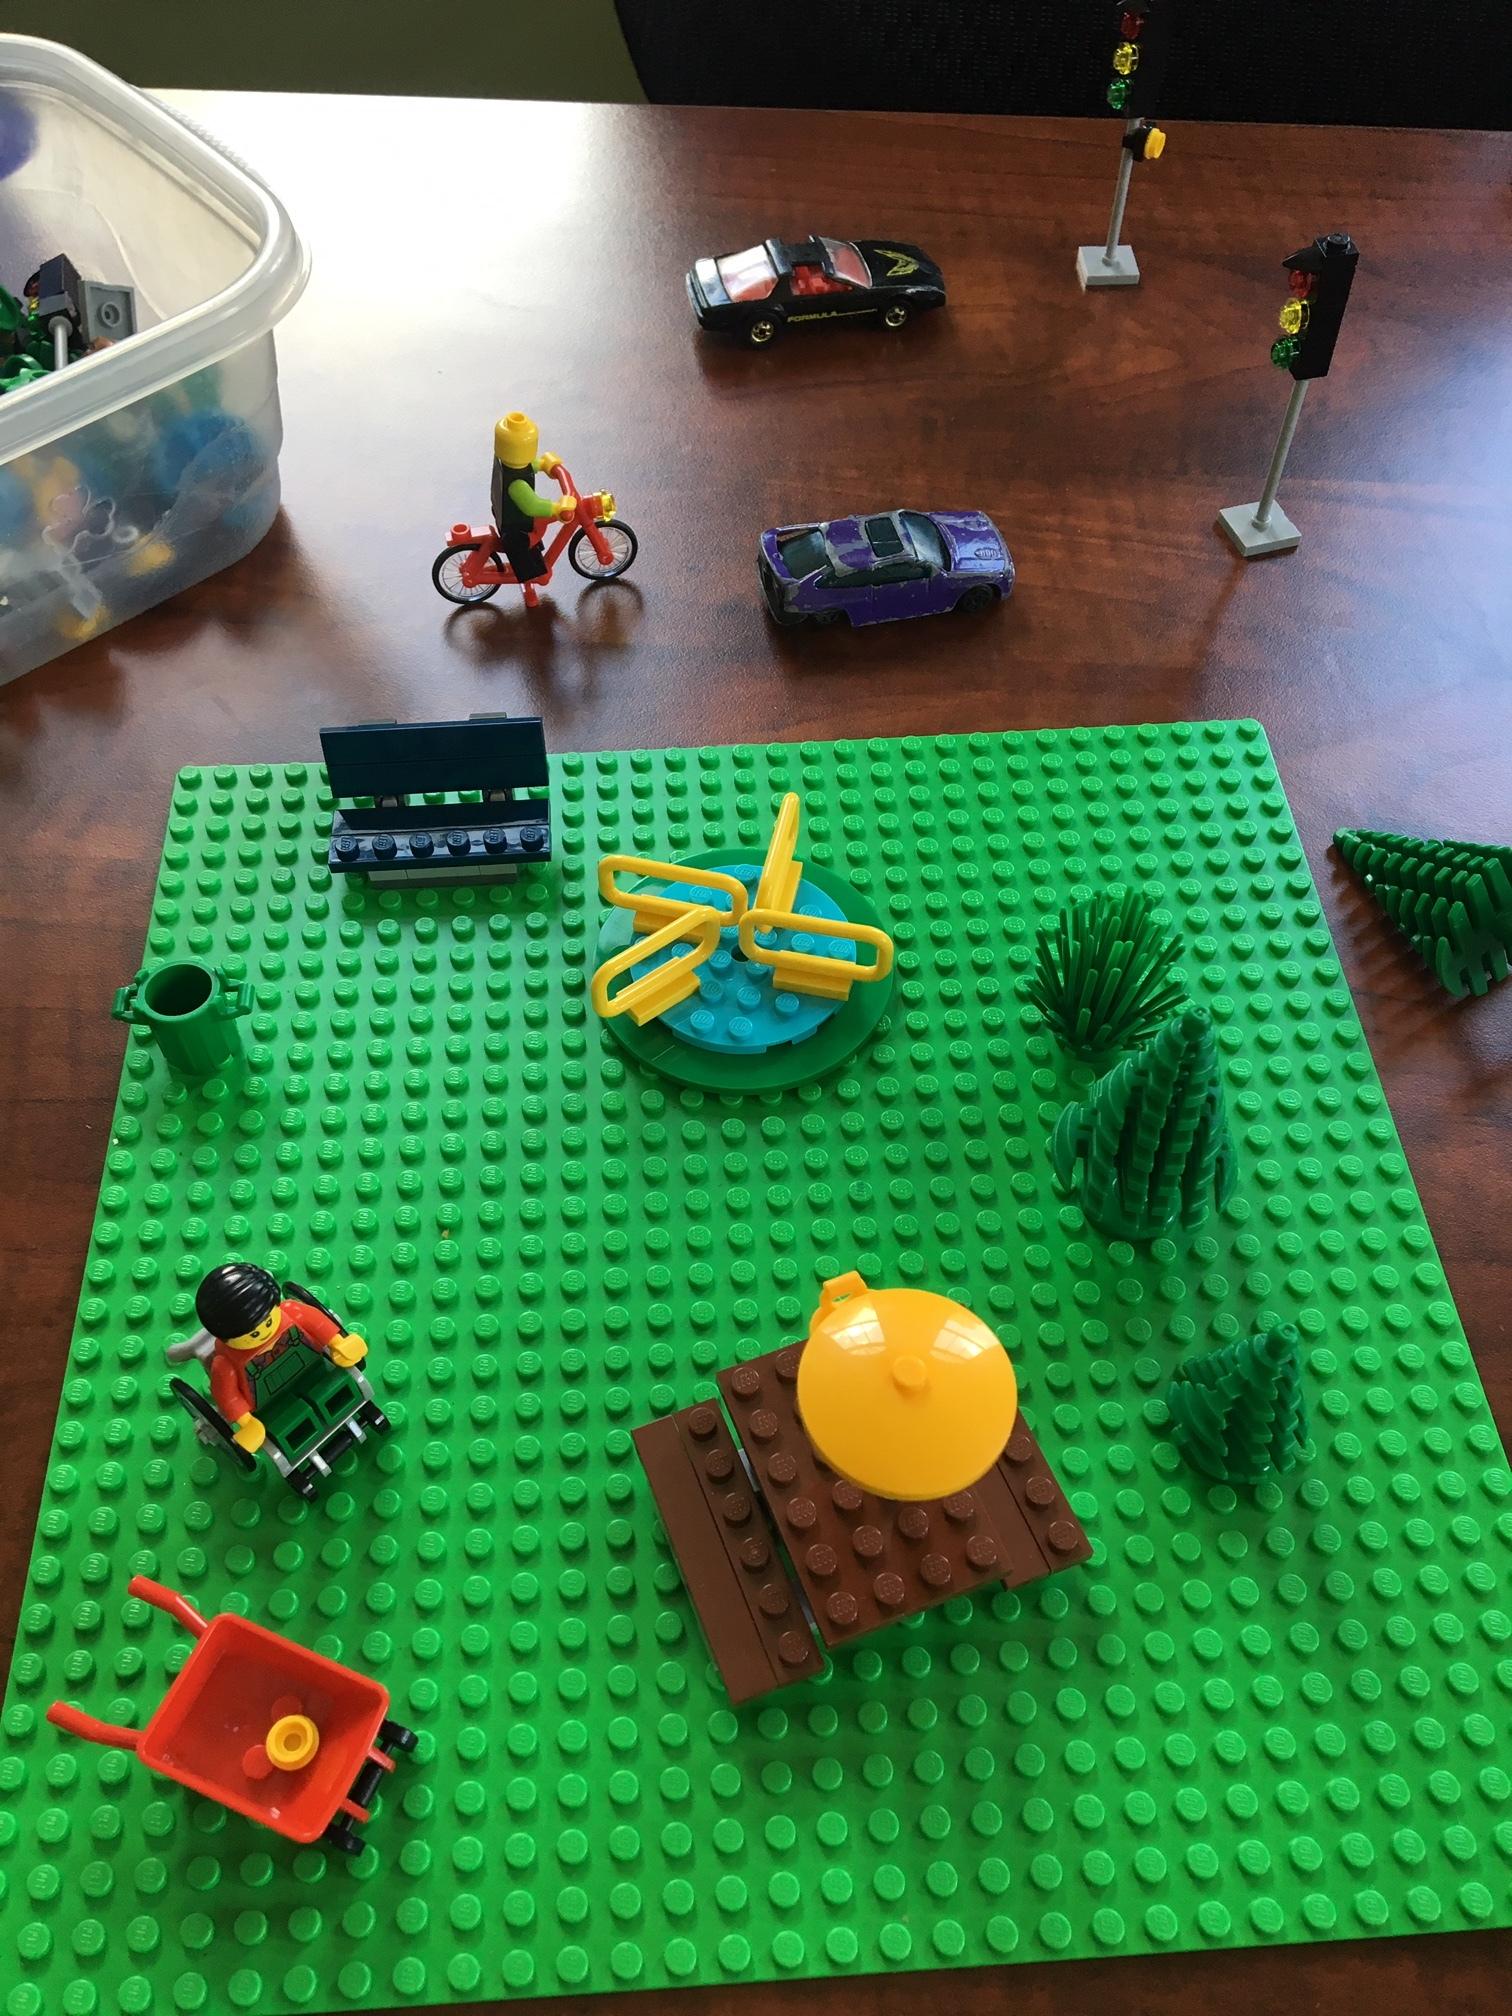 Grounded - Lego™ Sample Image